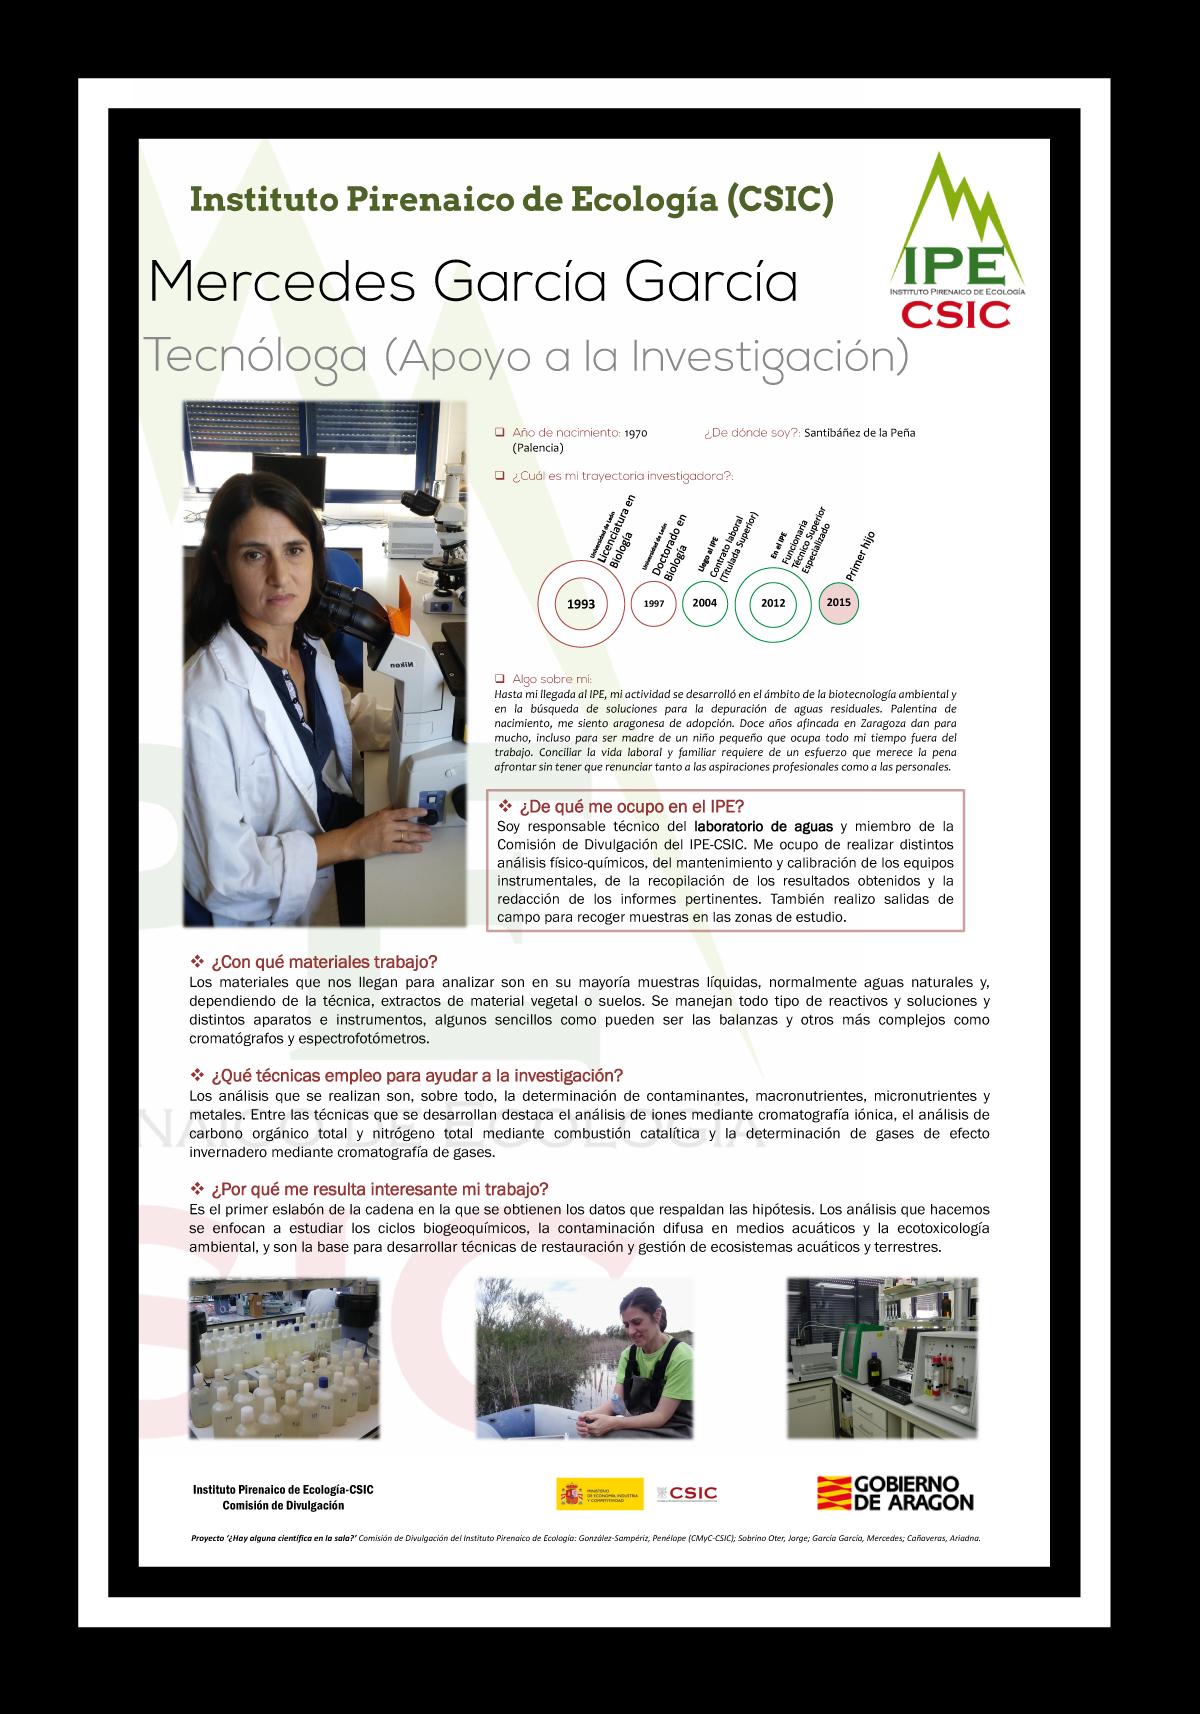 Mercedes García García